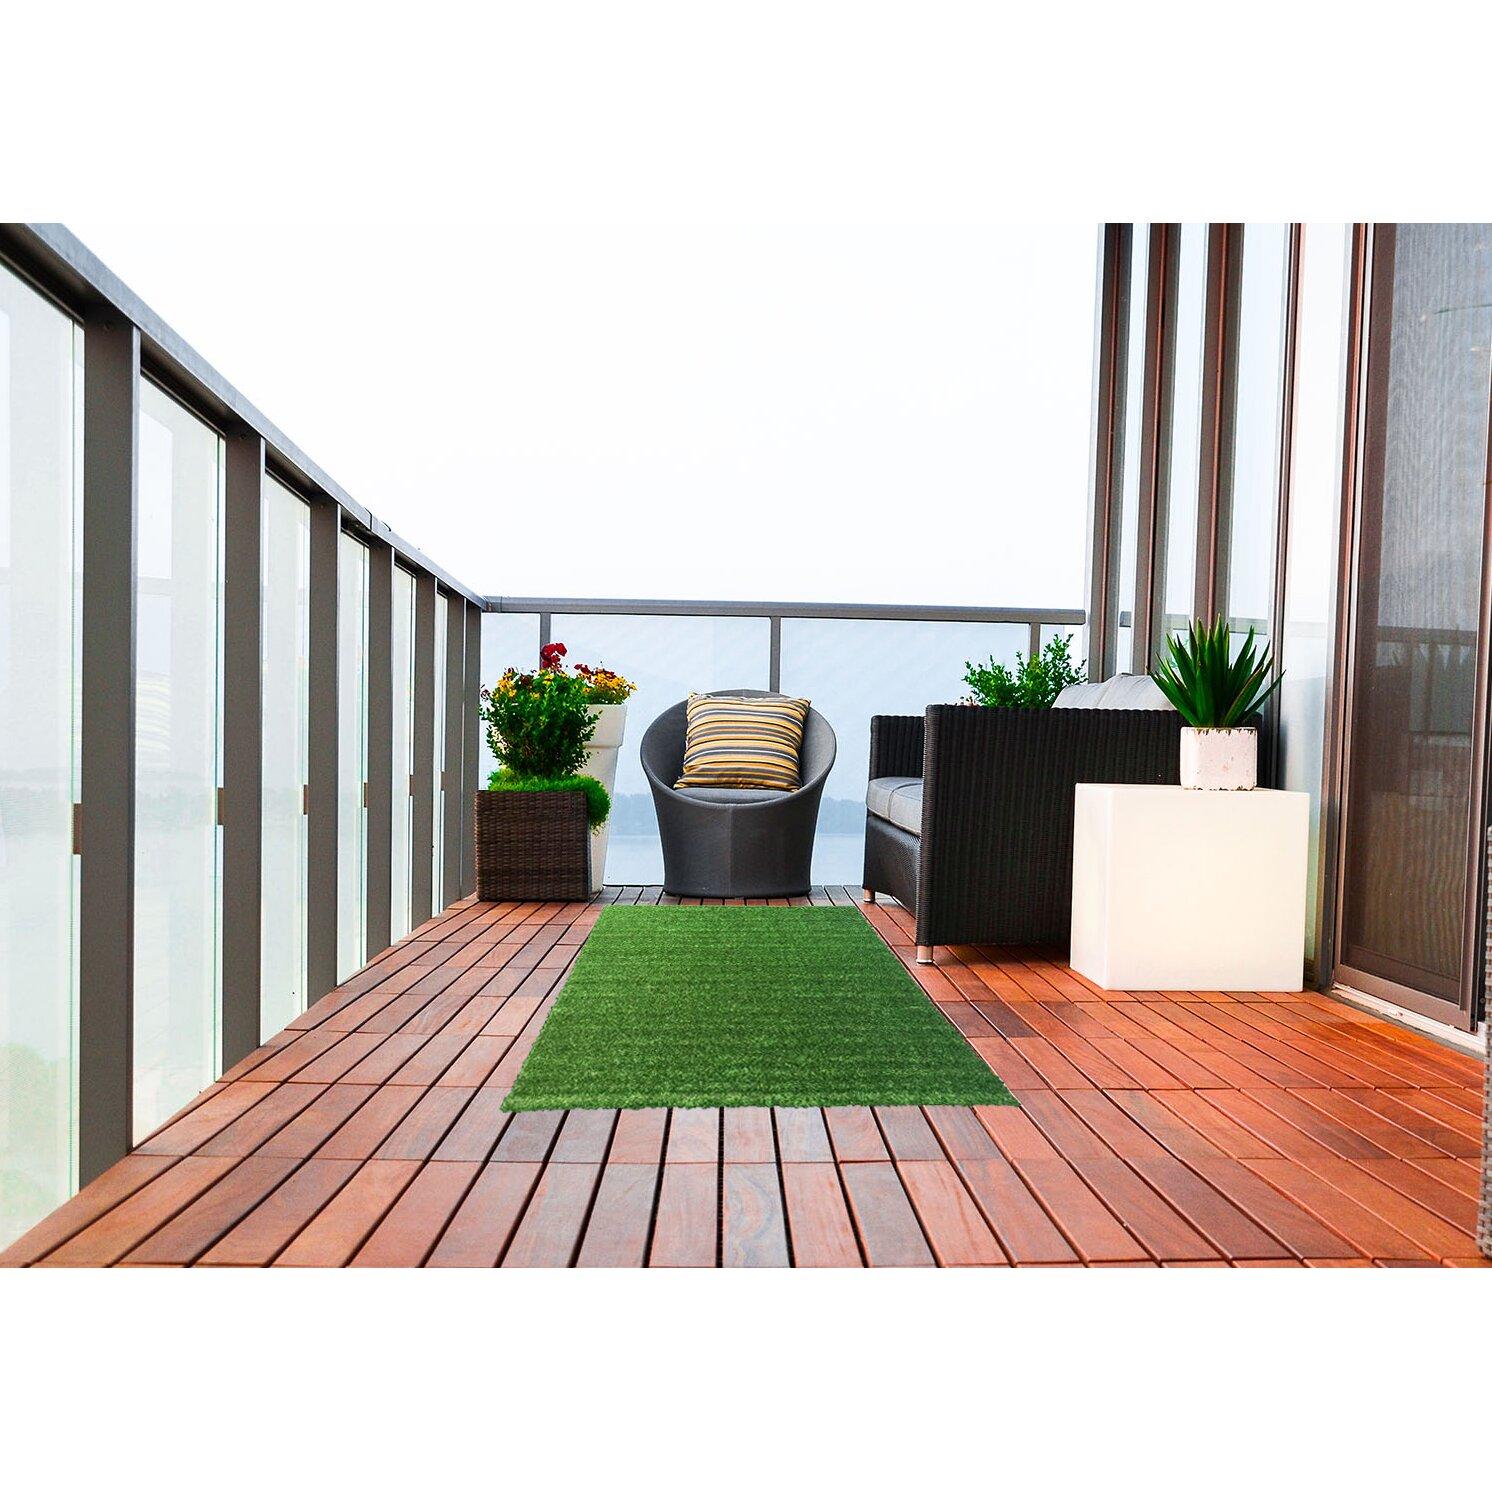 Green Patio Rug 5x7: Ottomanson Garden Grass Green Indoor/Outdoor Area Rug